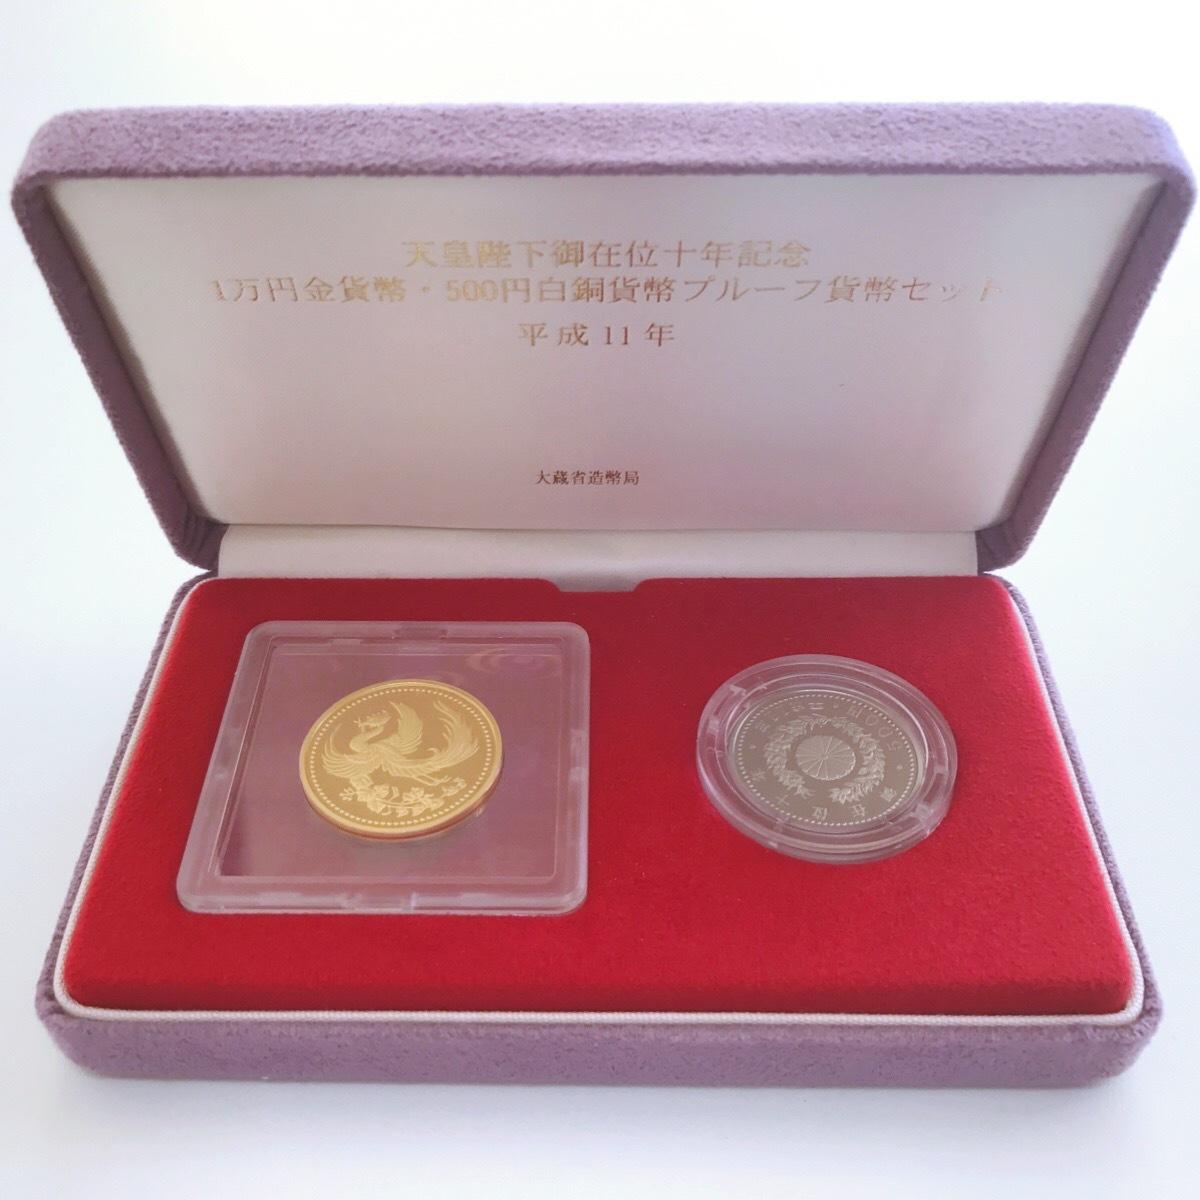 天皇陛下御在位10年記念 ◆ 1万円金貨 500円白銅貨 ◆ プルーフ 貨幣セット ◆ 平成11年 箱・ケース付き K24 純金 _画像2